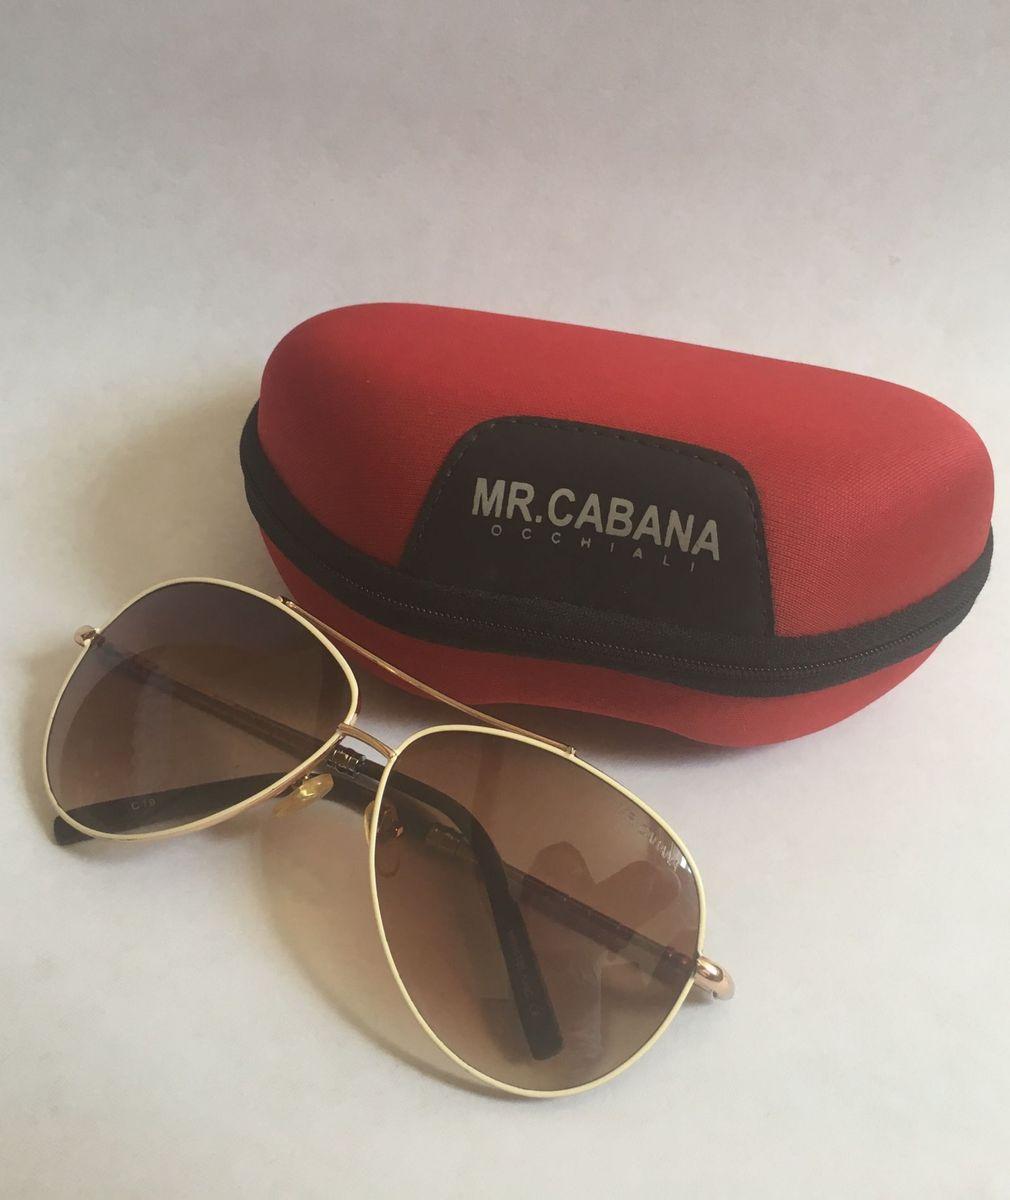 a5d471474 óculos de sol - óculos mr.cabana.  Czm6ly9wag90b3muzw5qb2vplmnvbs5ici9wcm9kdwn0cy81otawmze3lzlmnzg0nzk1n2exotkwmjkzzdbmnde4ogm2ote3zwm3lmpwzw